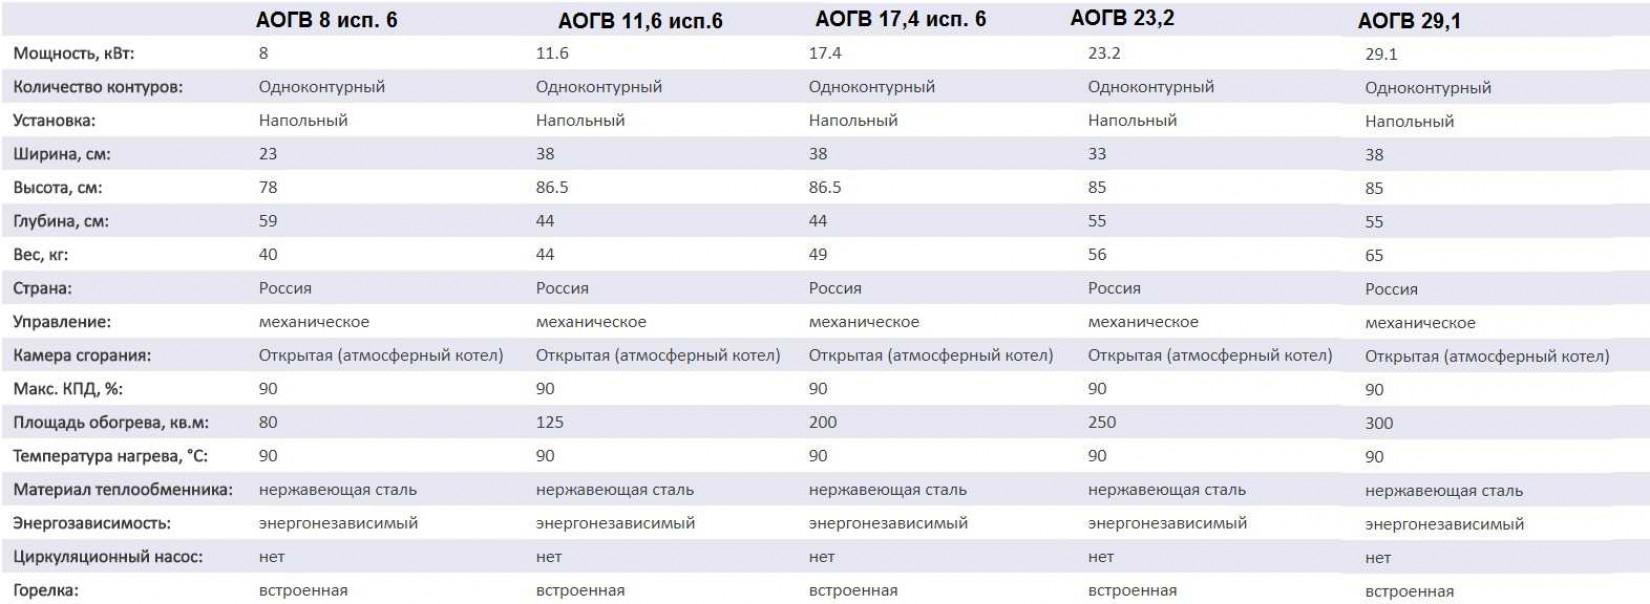 АОГВ и АОГВК Ростовского завода Ростовгазаппарат